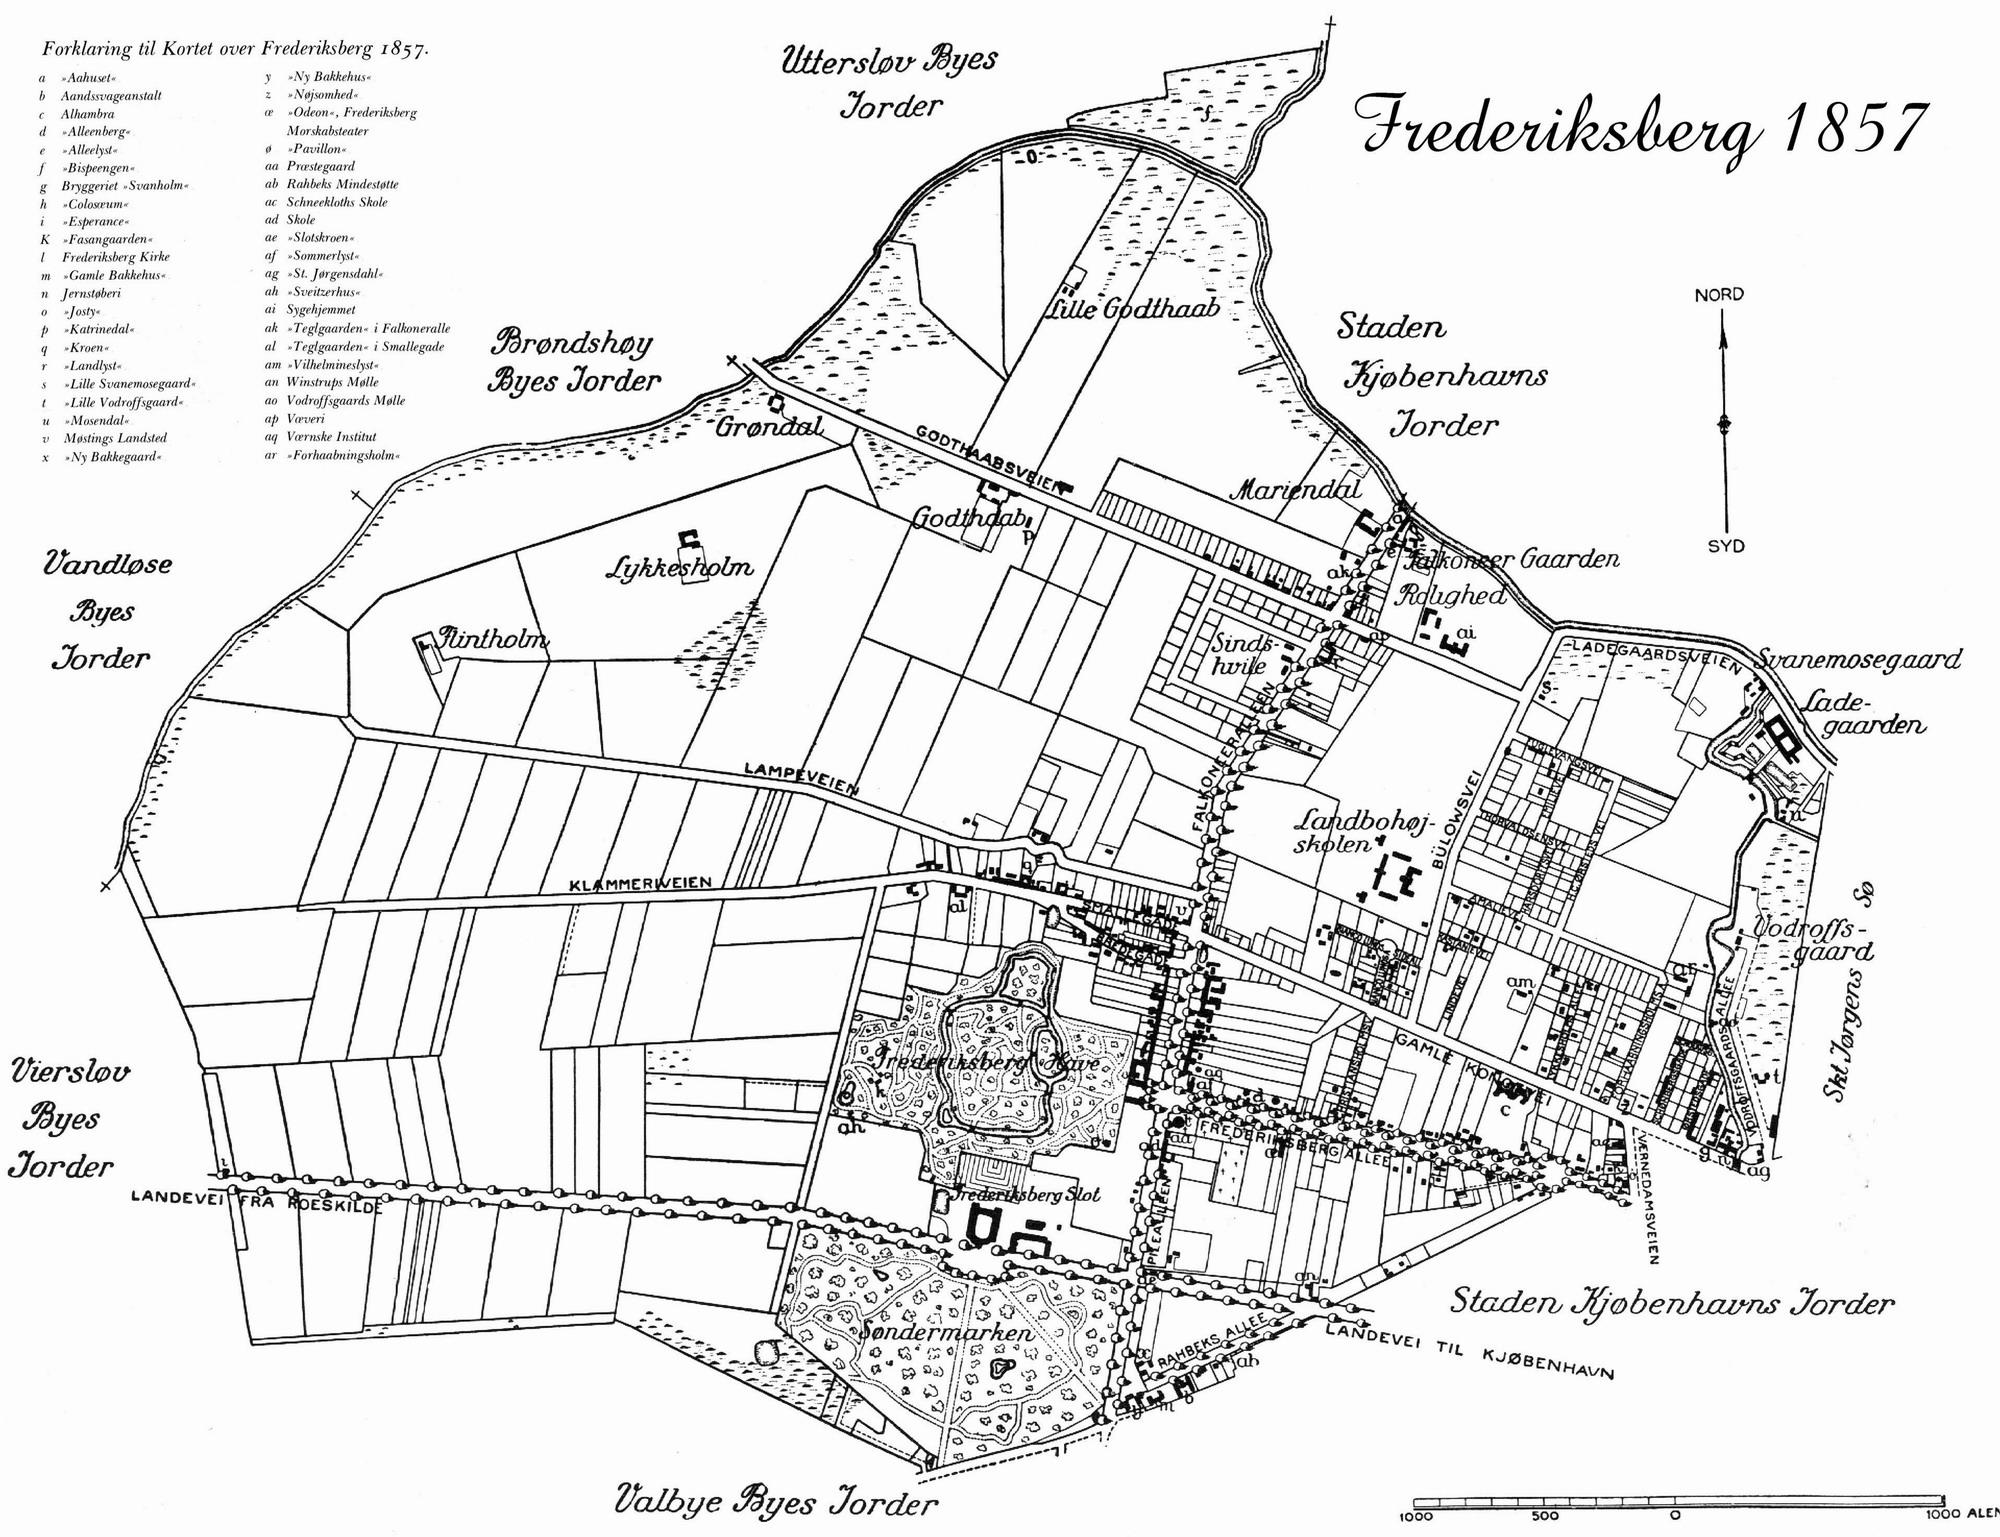 Taxafinns Lokalhistorie Falkoner Alle S Historie